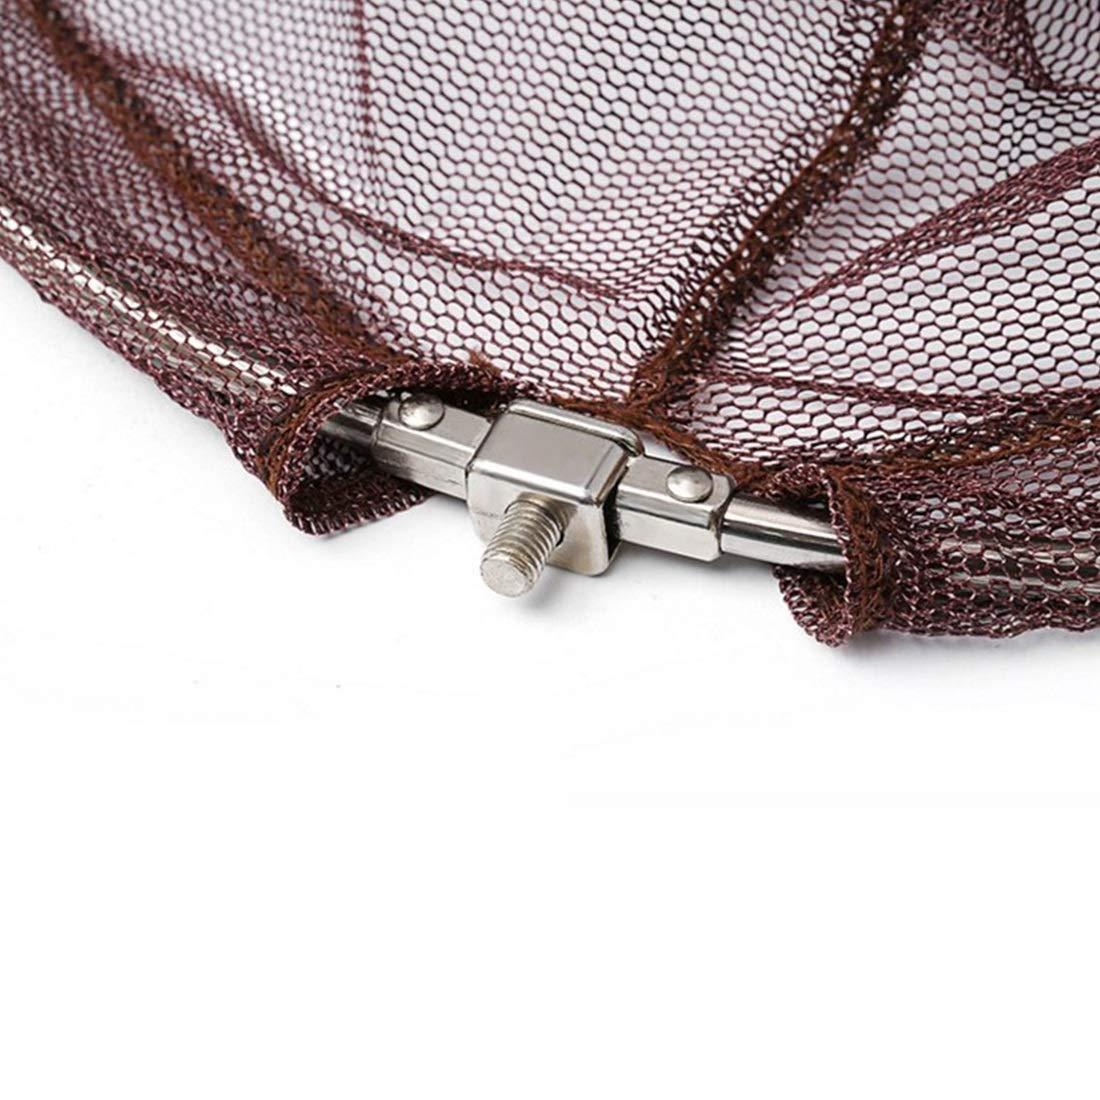 FELICIGG Fliegenfischen Net Portable Faltbare Leichte Net Nylon Nylon Nylon Fischernetz Aluminiumlegierung Rahmen (Größe   2.5m) B07KPS5RL7 Netze Bestellungen sind willkommen e10be3